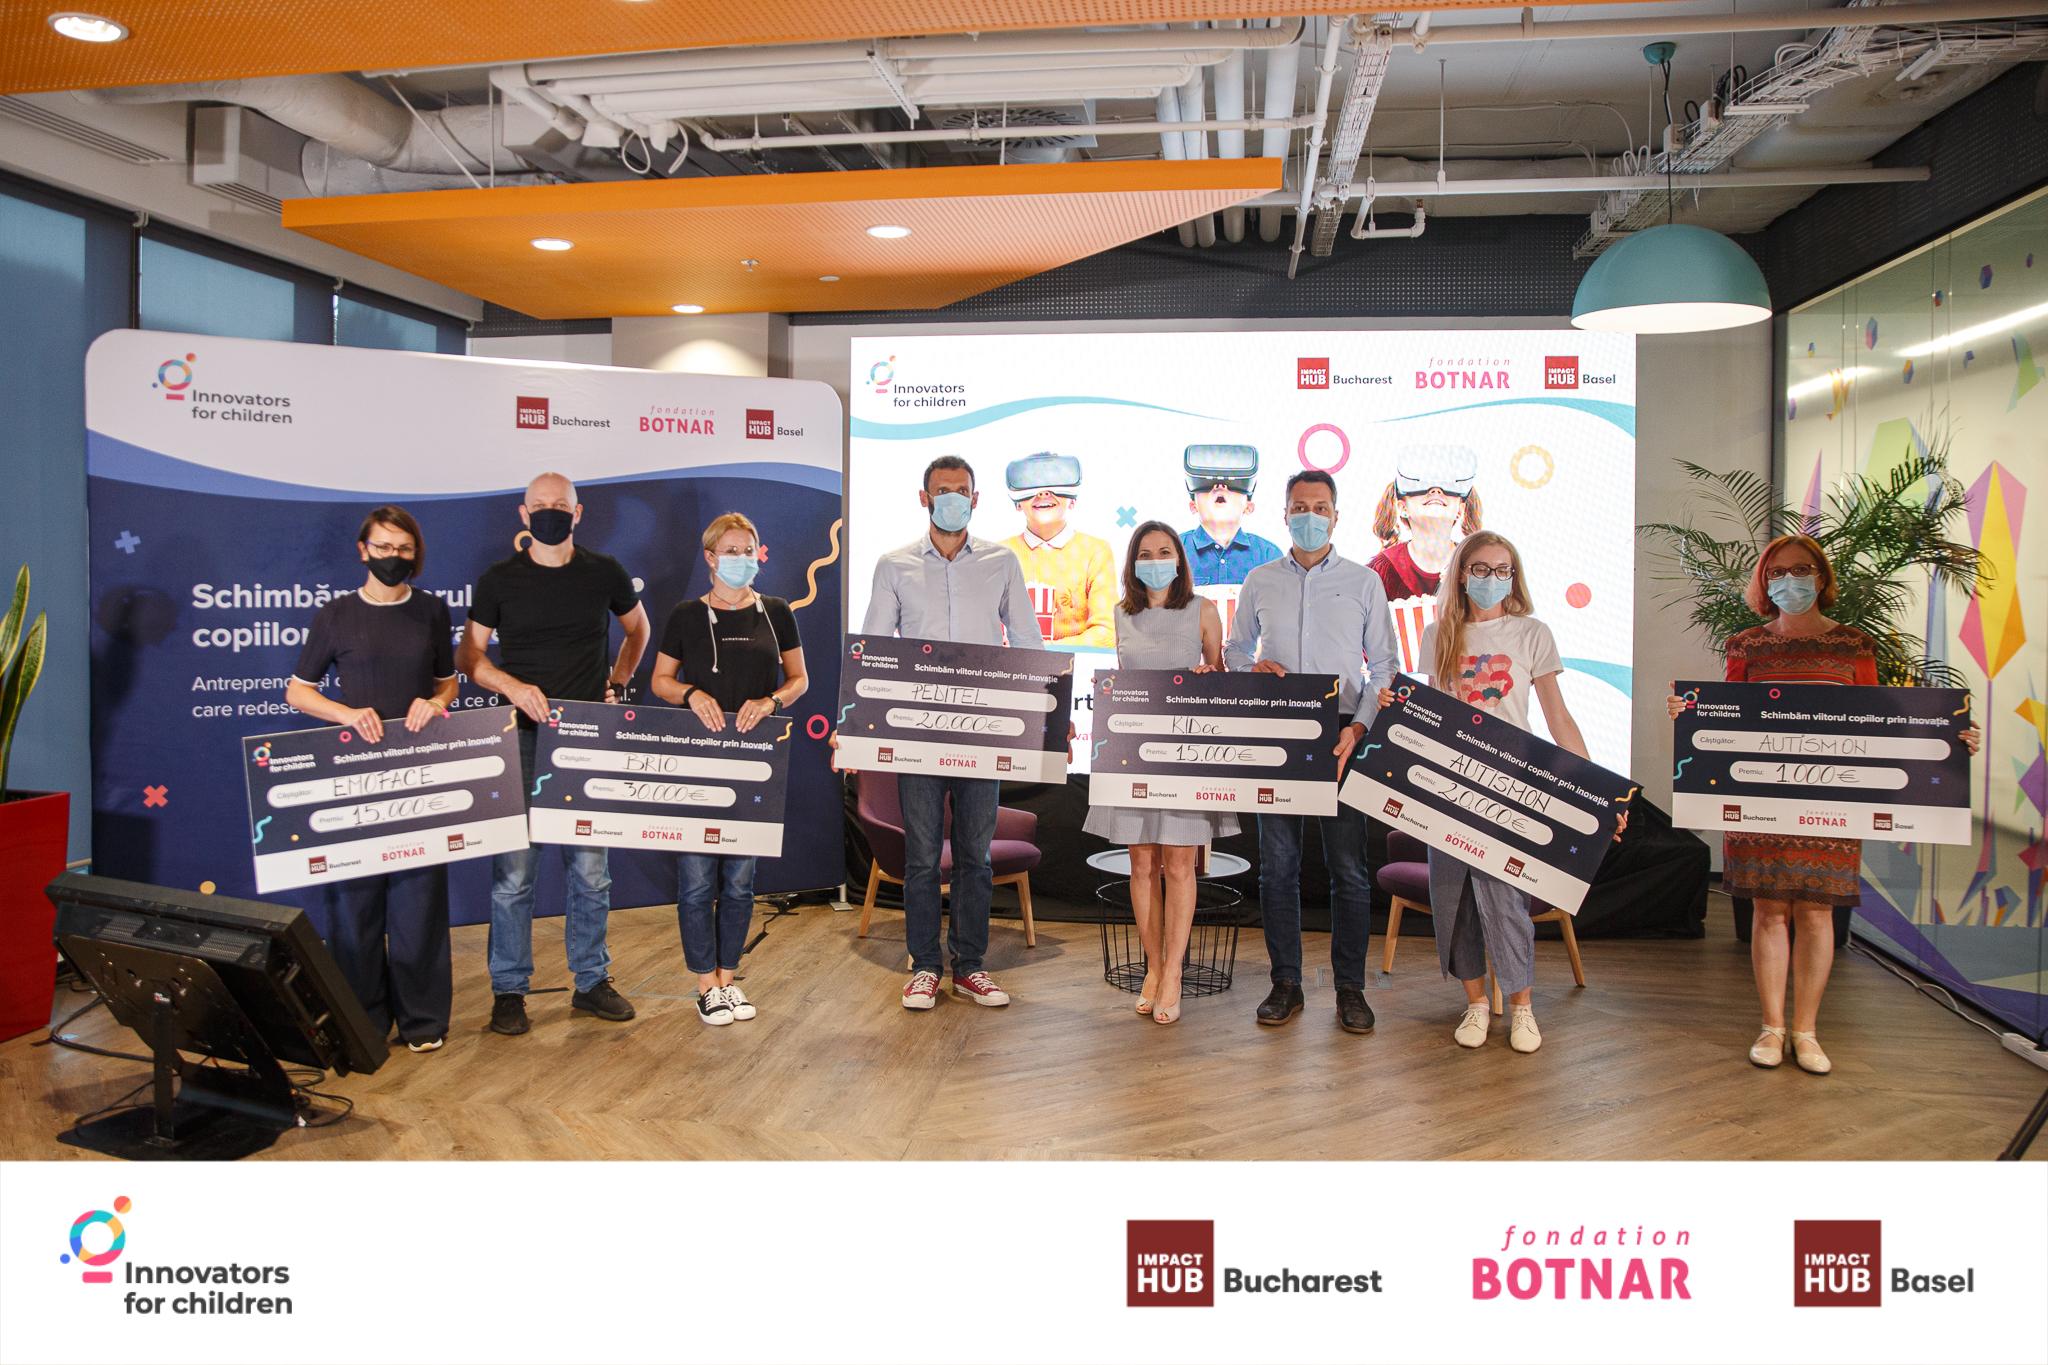 Cinci startup-uri au primit finanțare de 100.000 de euro la Finala Innovators for Children 2020